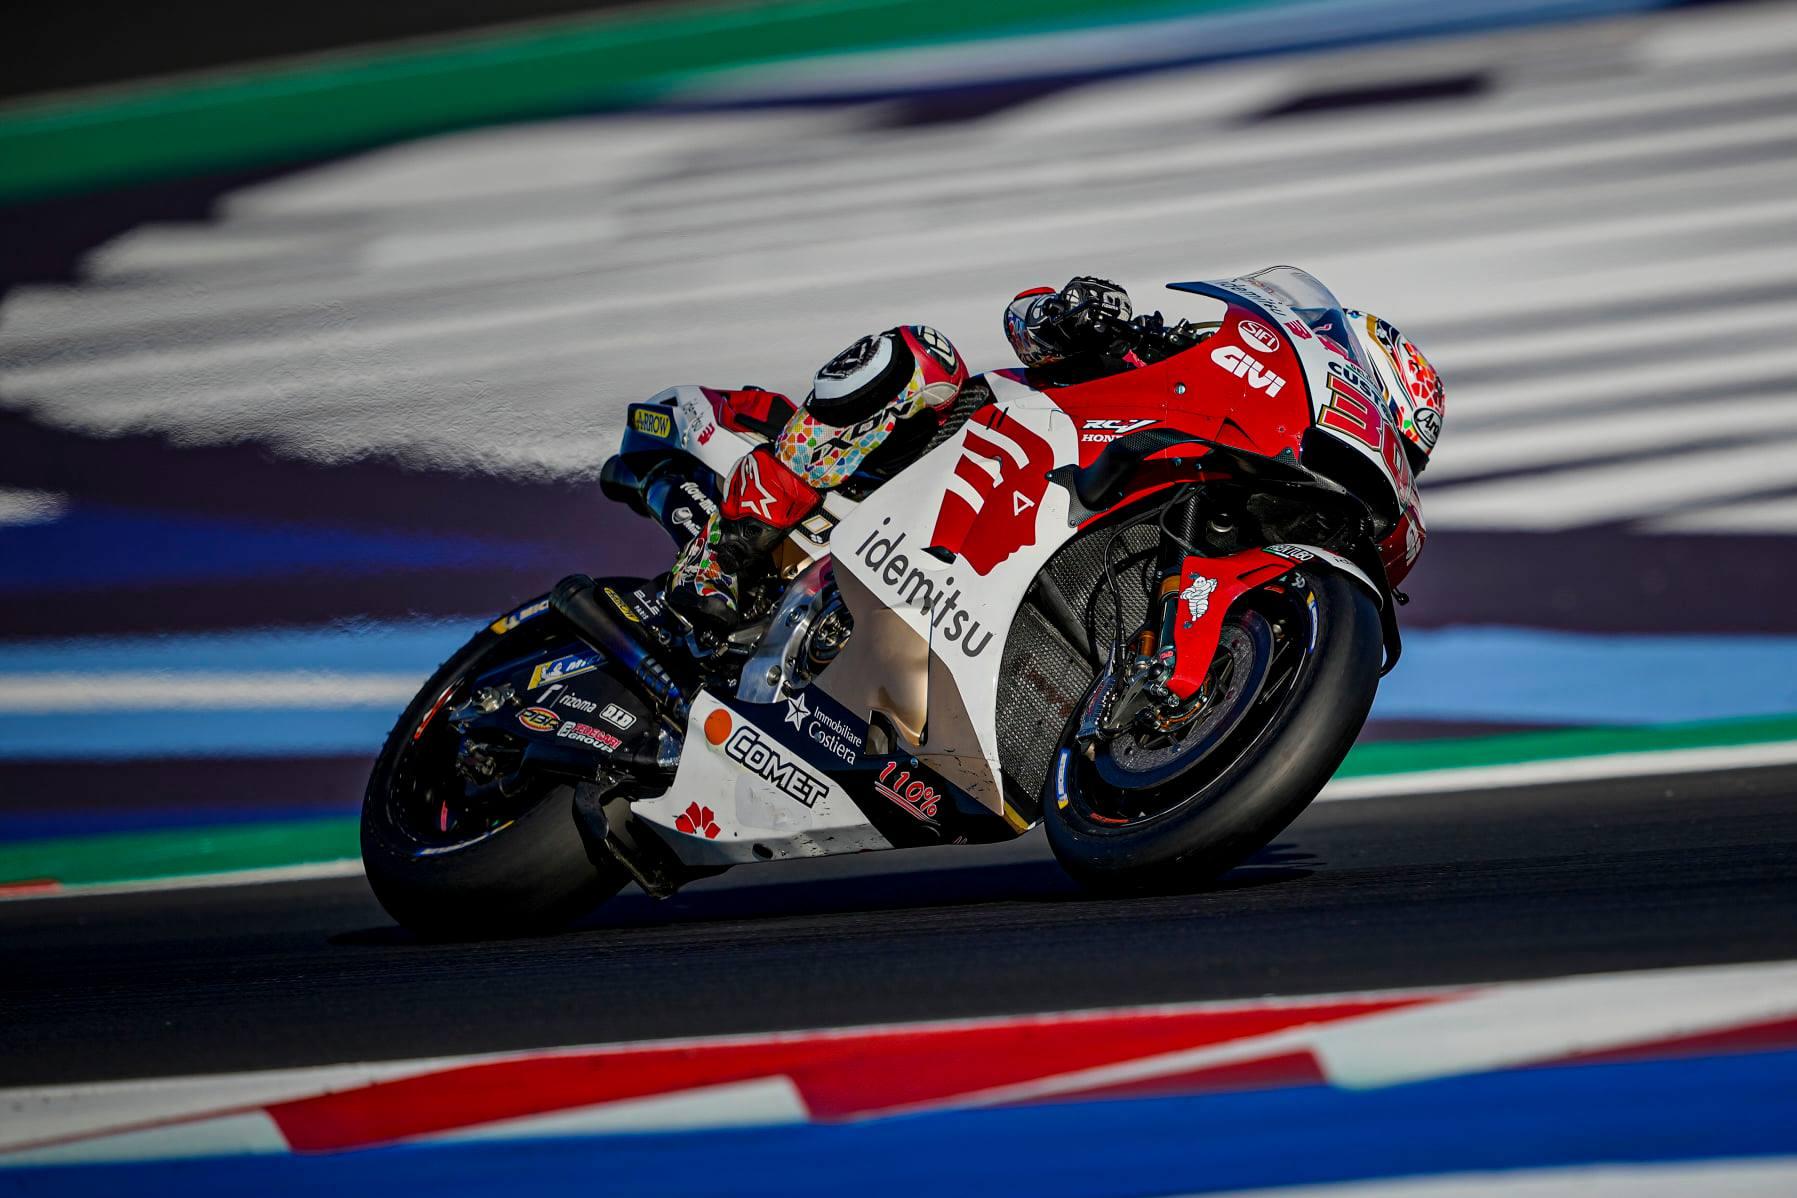 MotoGP2021ミサノテスト 中上 貴晶「最後にベストバランスを見つけることが出来た」